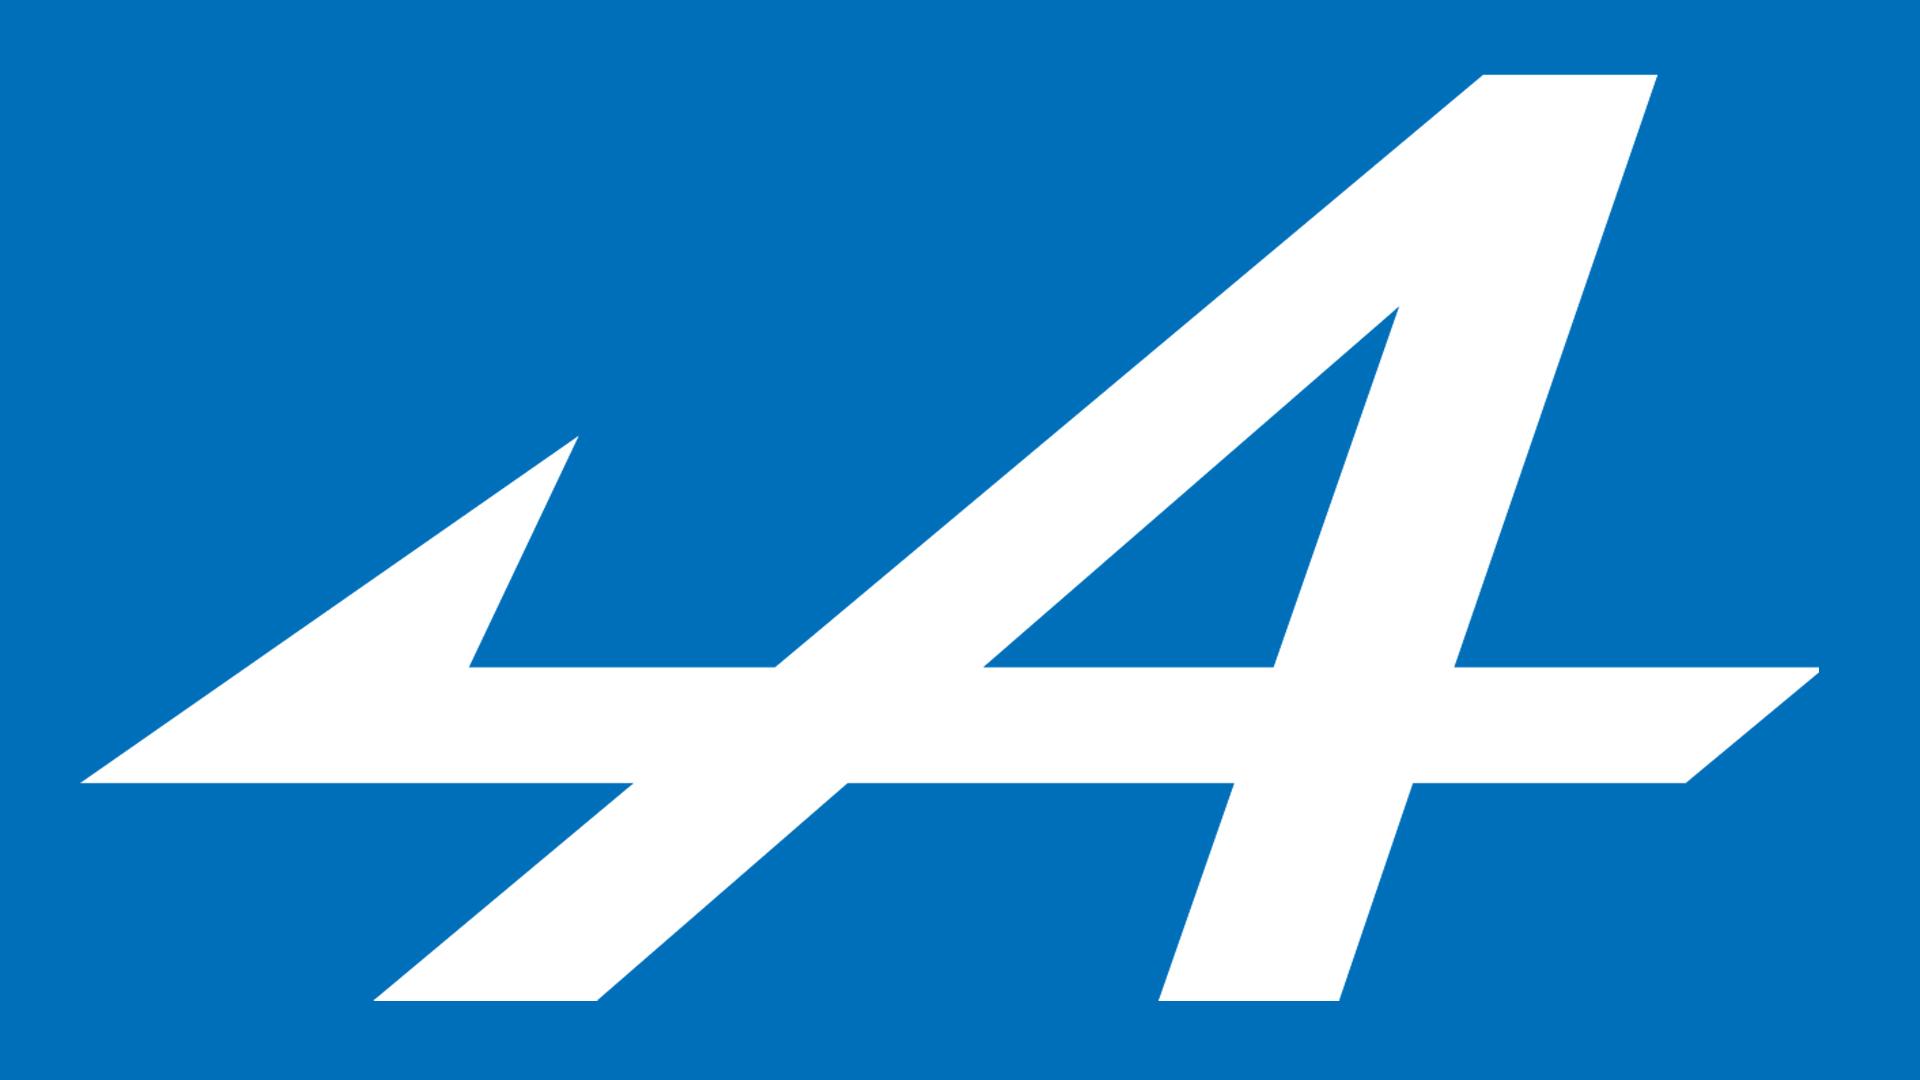 le logo voiture alpine embleme sigle lancia. Black Bedroom Furniture Sets. Home Design Ideas